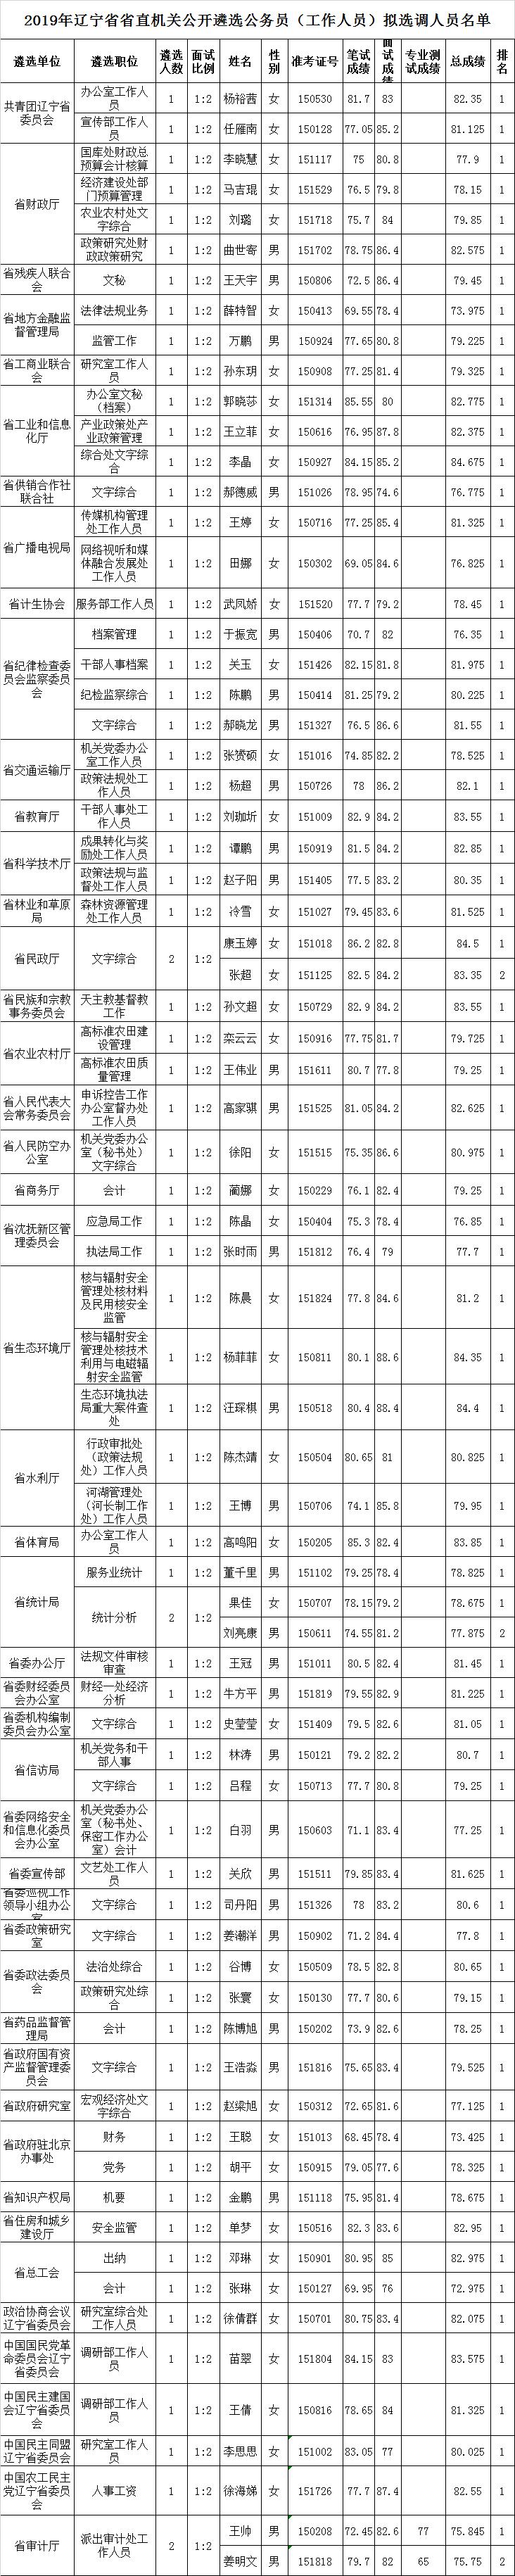 2019年辽宁省省直机关公开遴选公务员(工作人员)拟选调人员名单.png